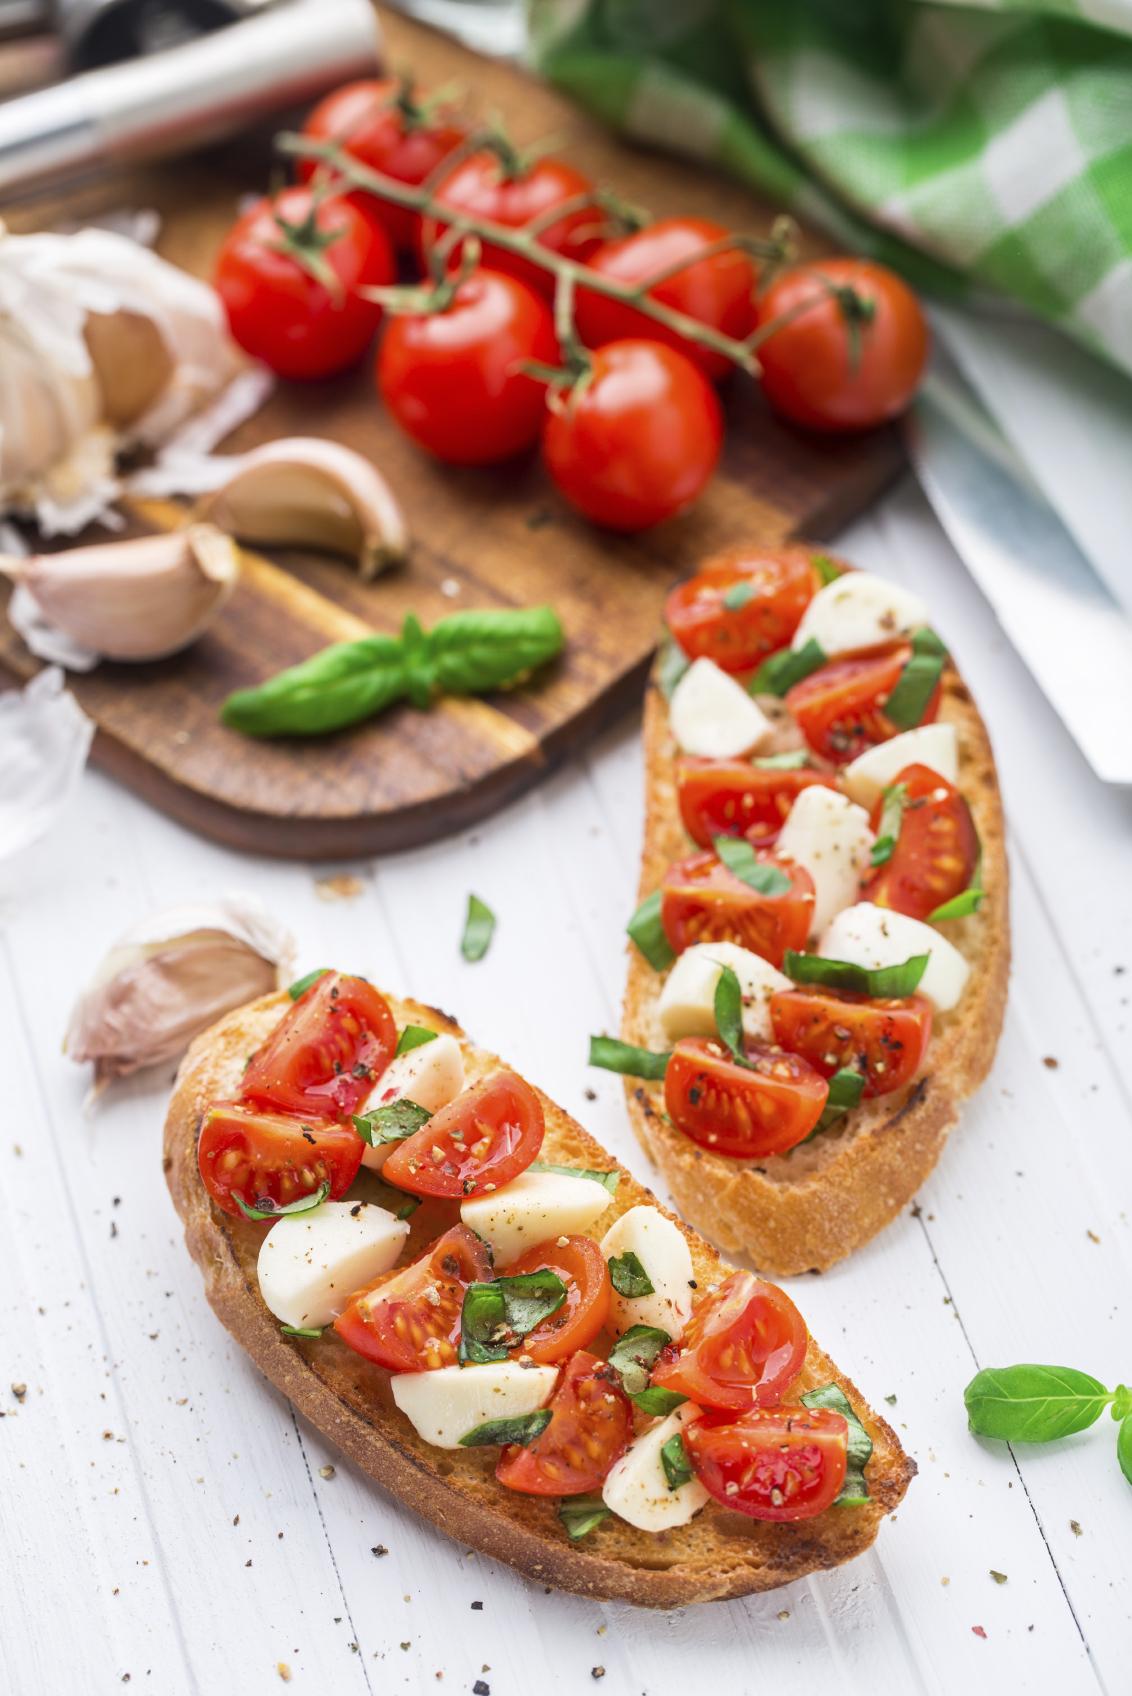 Tostada de queso mozzarella y tomate